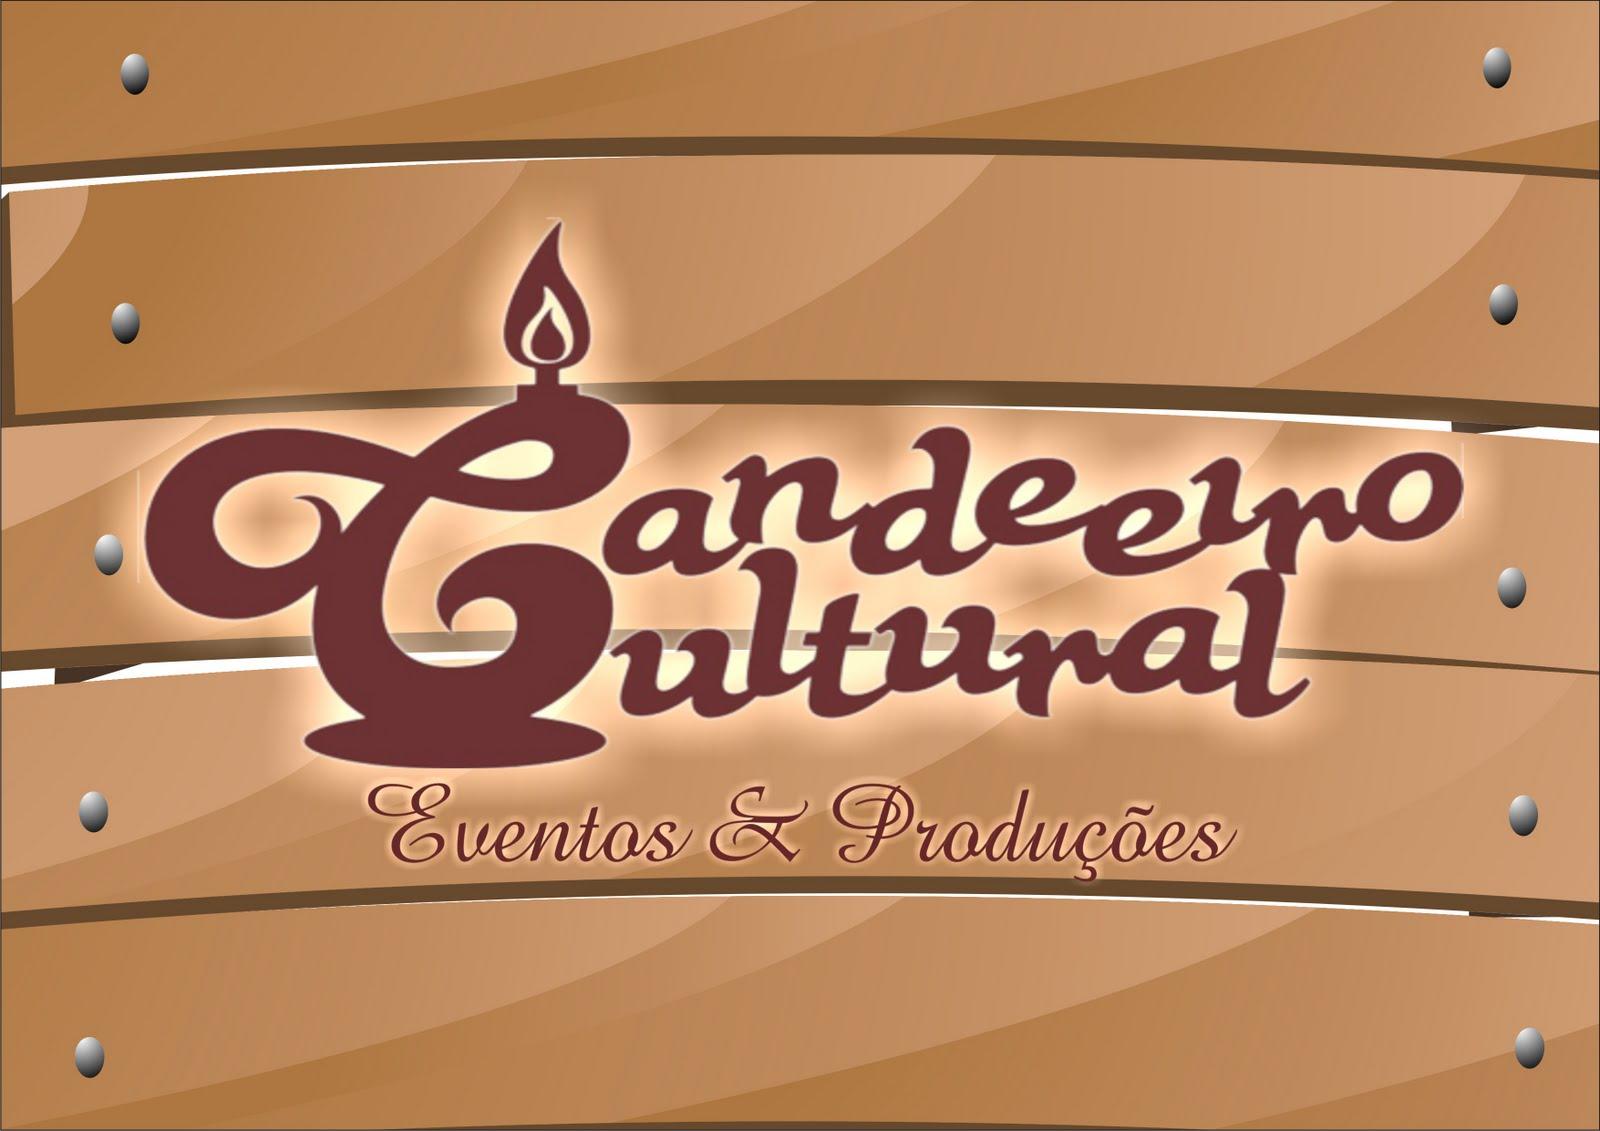 Release Candeeiro Cultural Eventos & Produções.